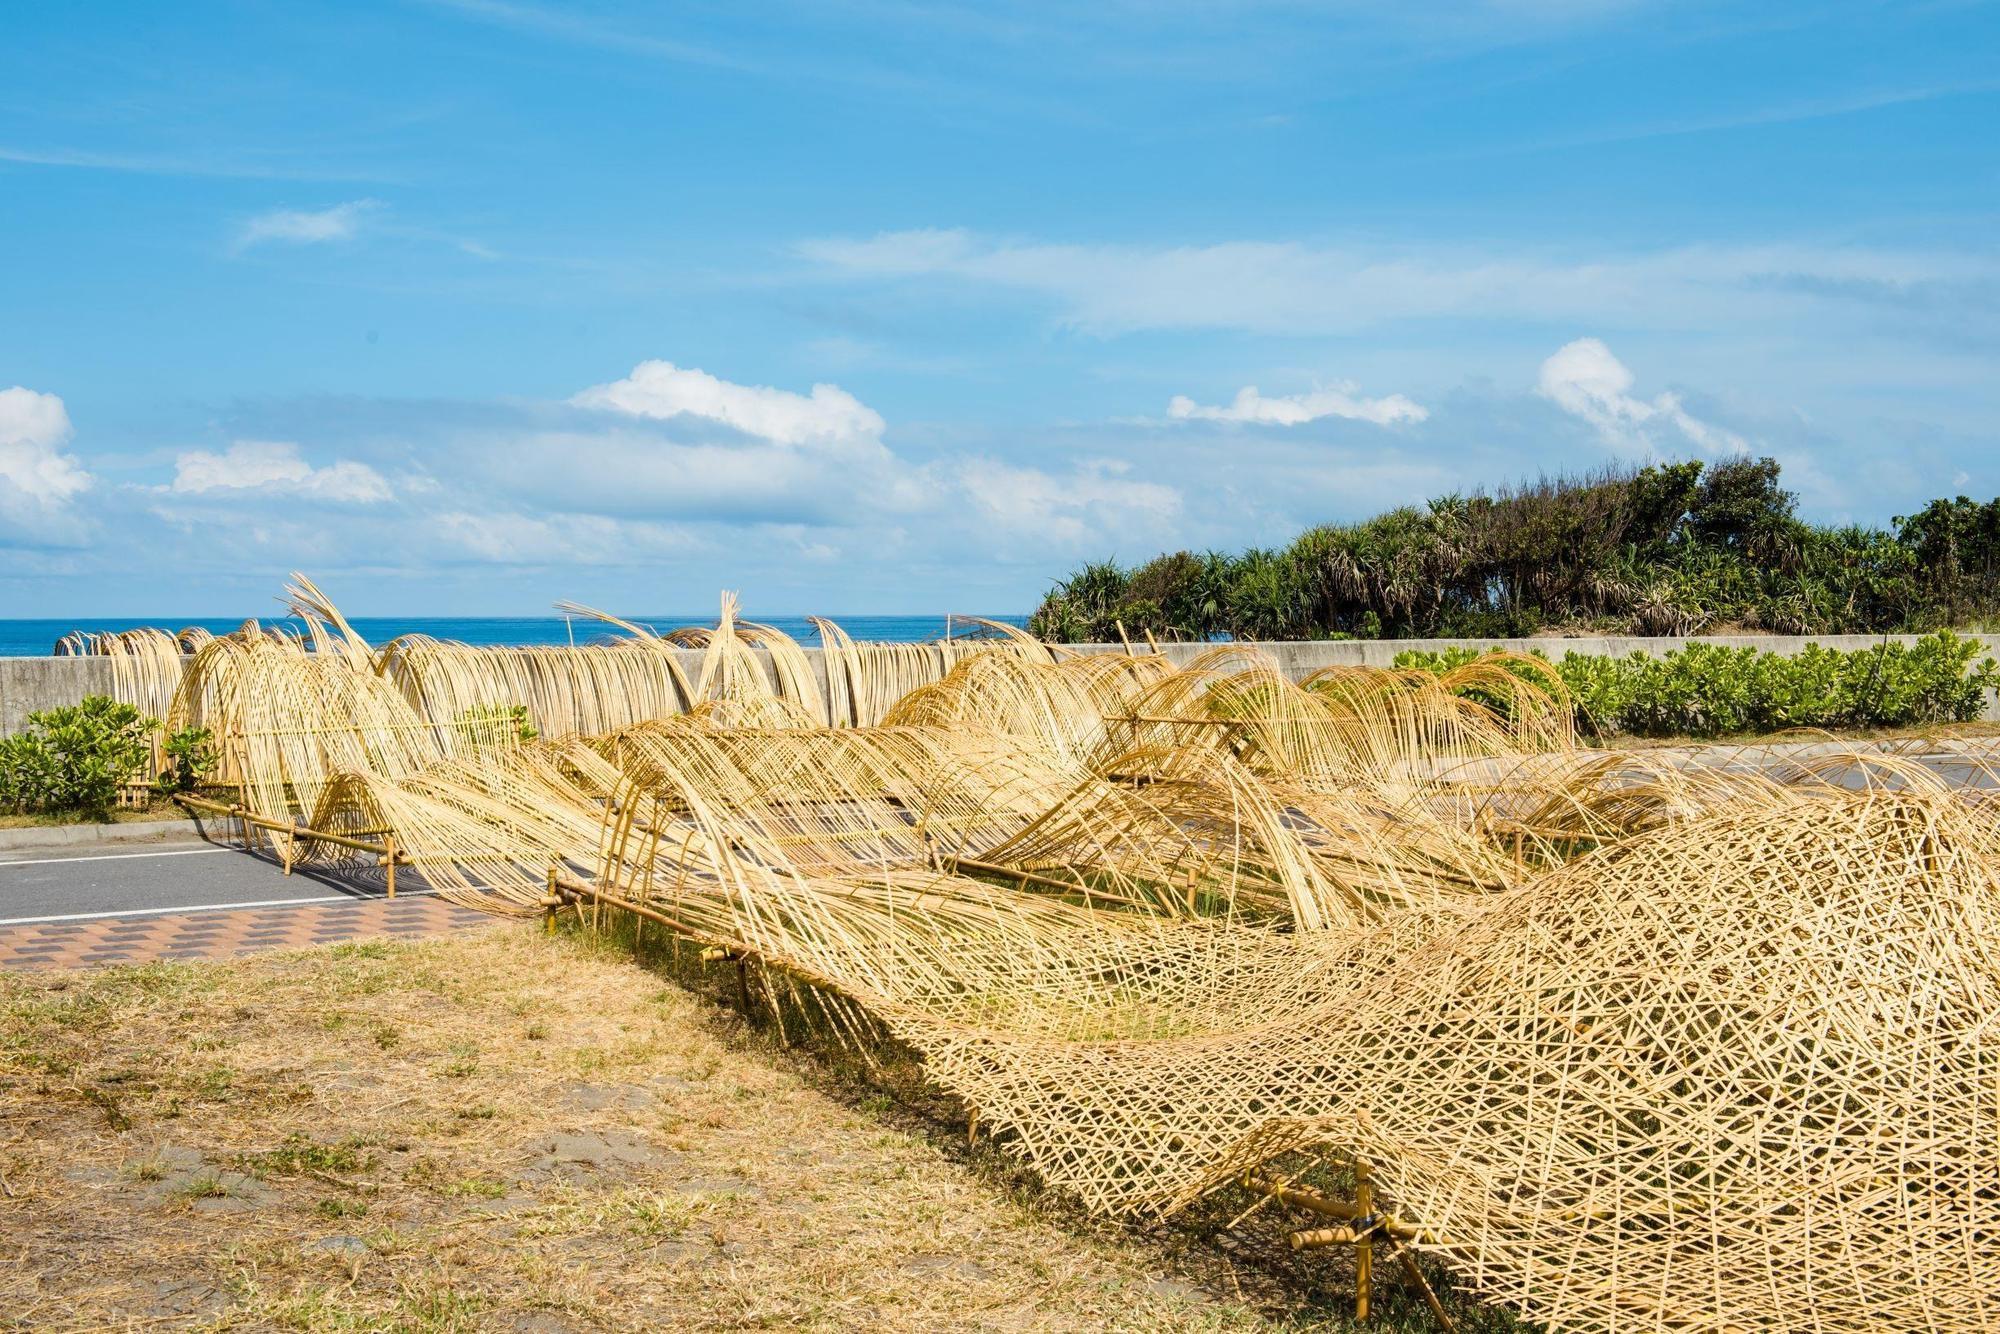 藝術家游文富的作品「南方向量」,從陸地蔓延海洋,述說著南風指向。(圖片提供/山冶計畫)